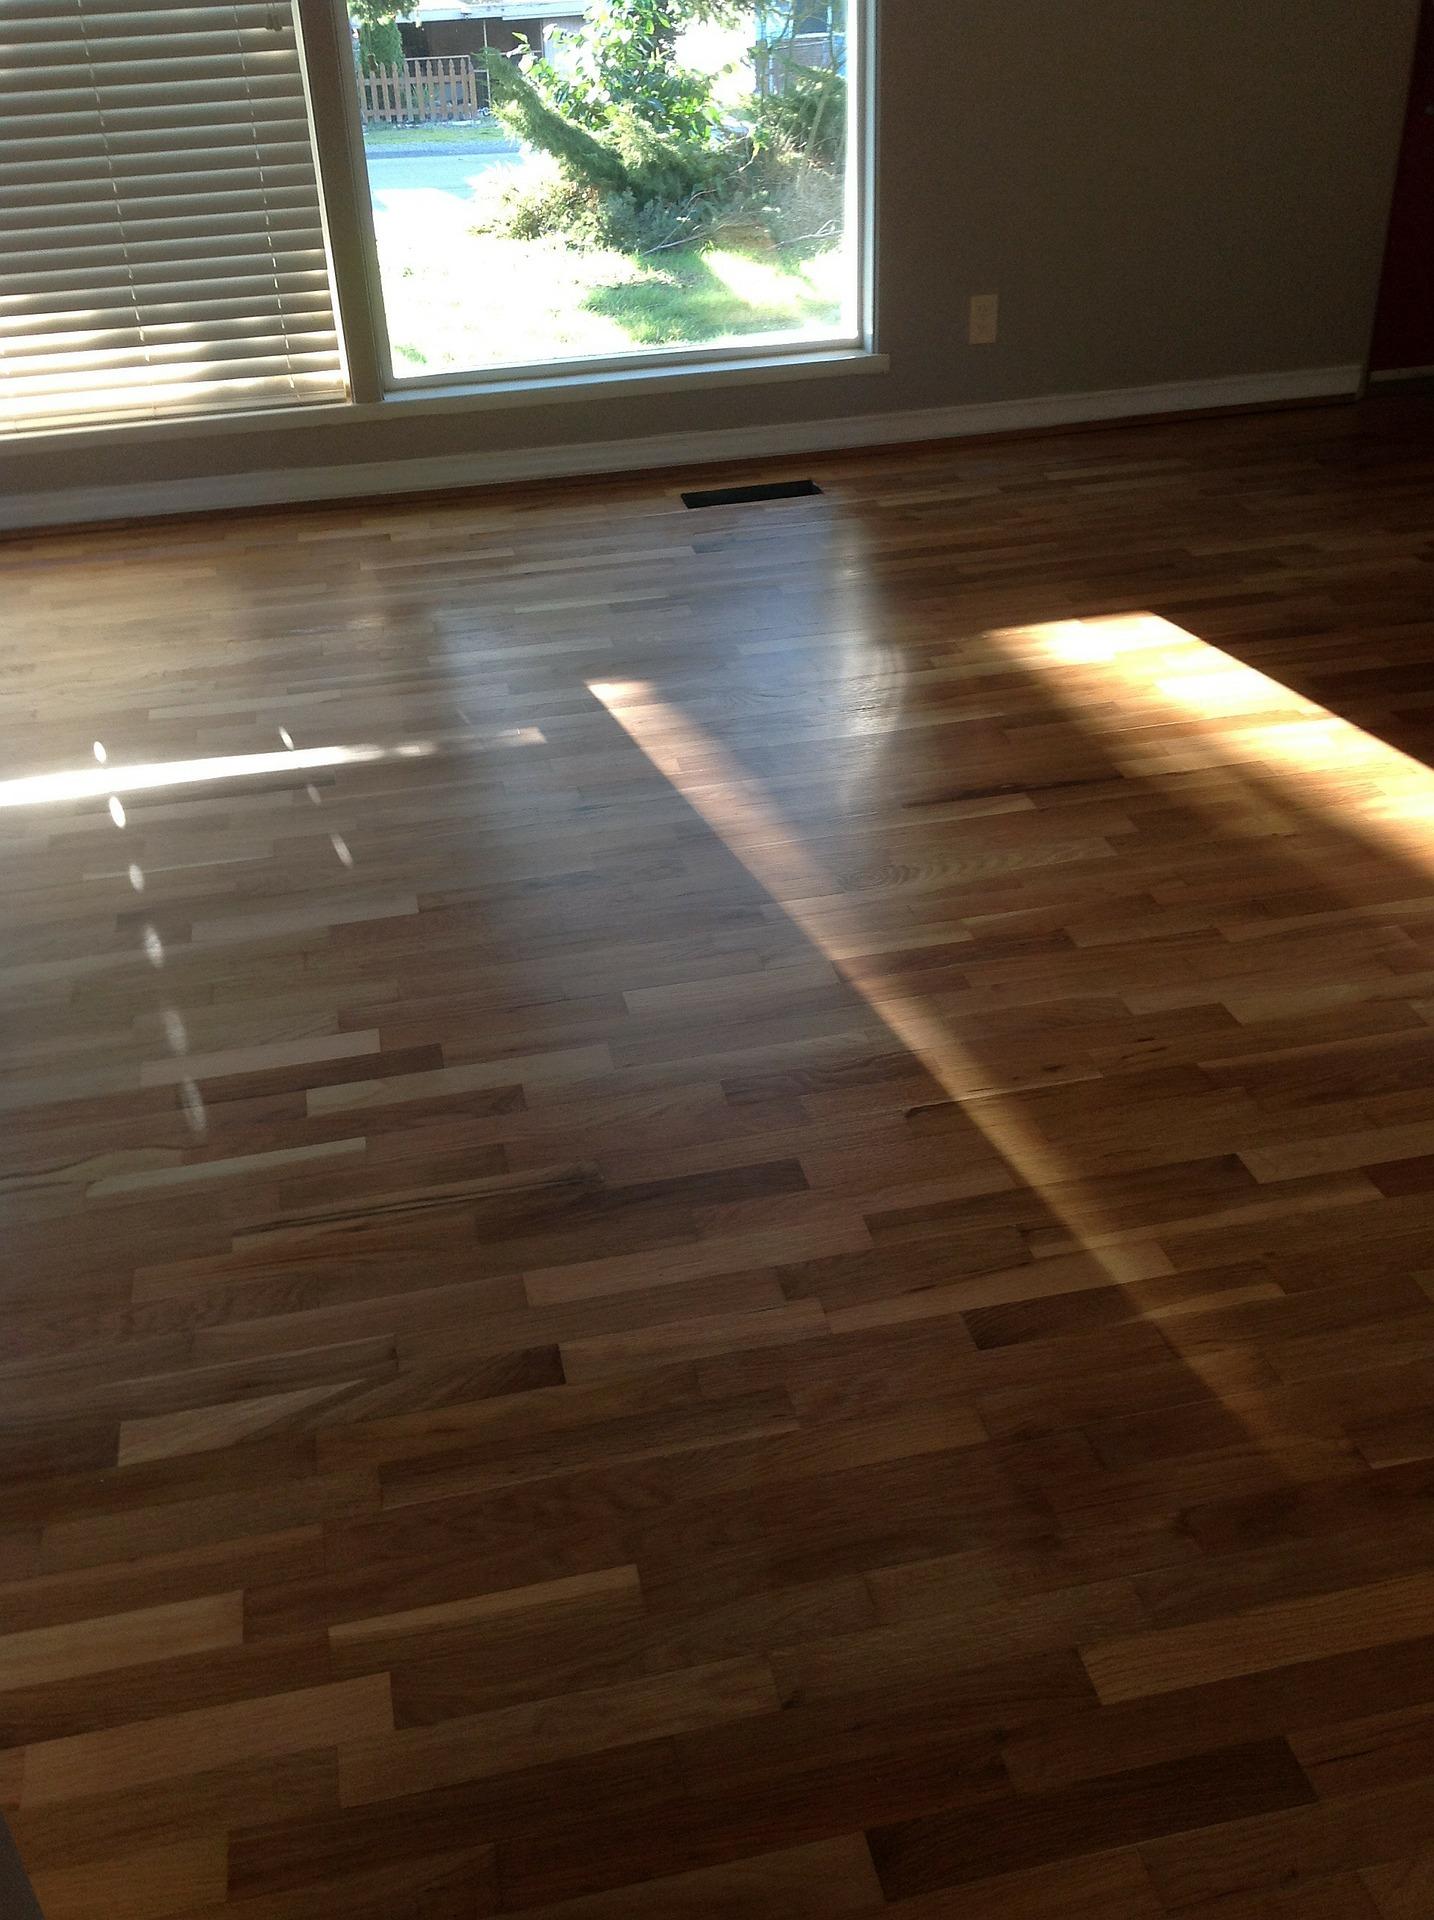 Calefacci n de techo y suelo radiantes vivienda saludable - Radiadores de suelo ...